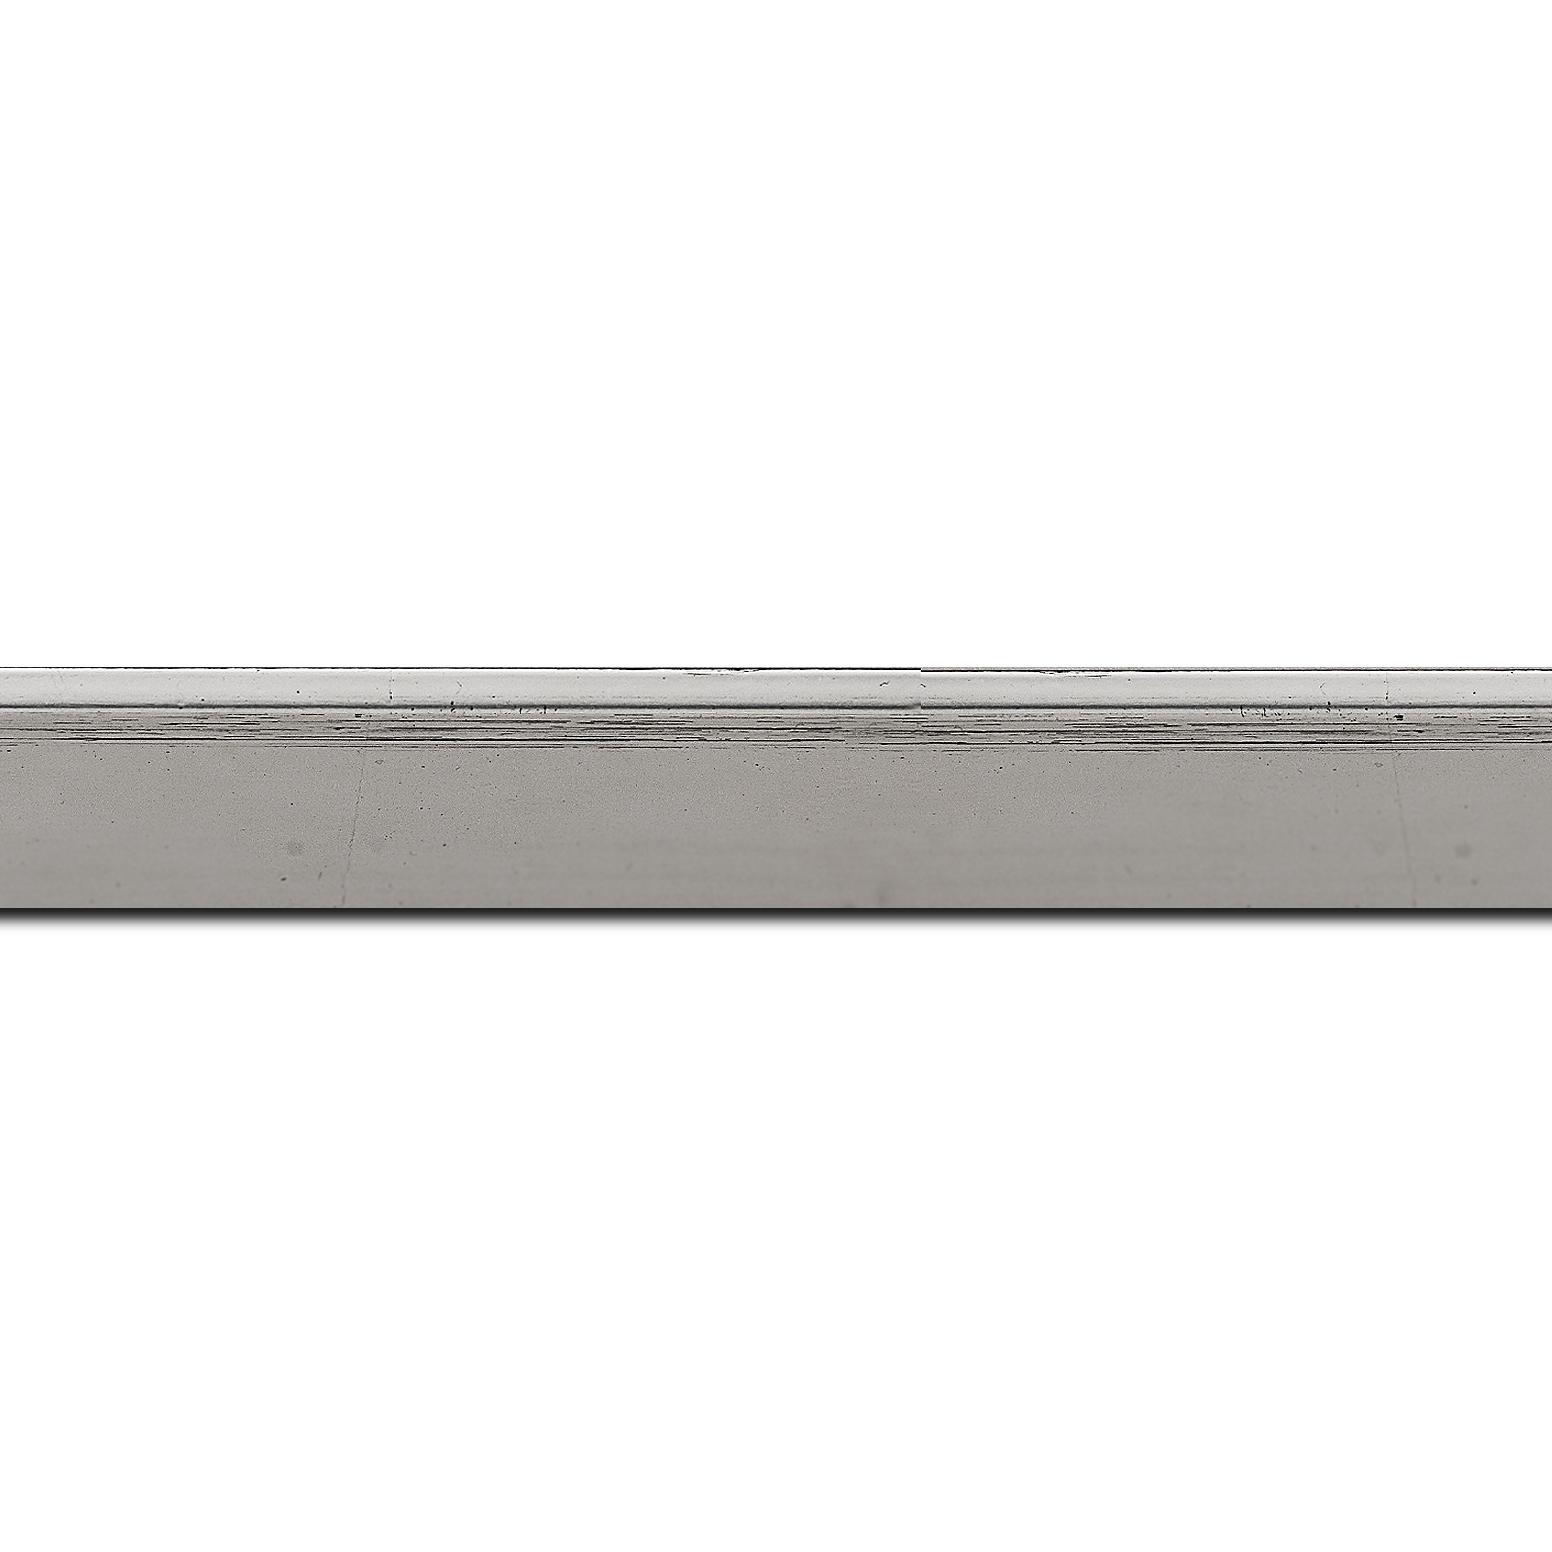 Baguette longueur 1.40m bois profil en pente plongeant largeur 2.2cm couleur argent coté extérieur foncé. finition haut de gamme car dorure à l'eau fait main